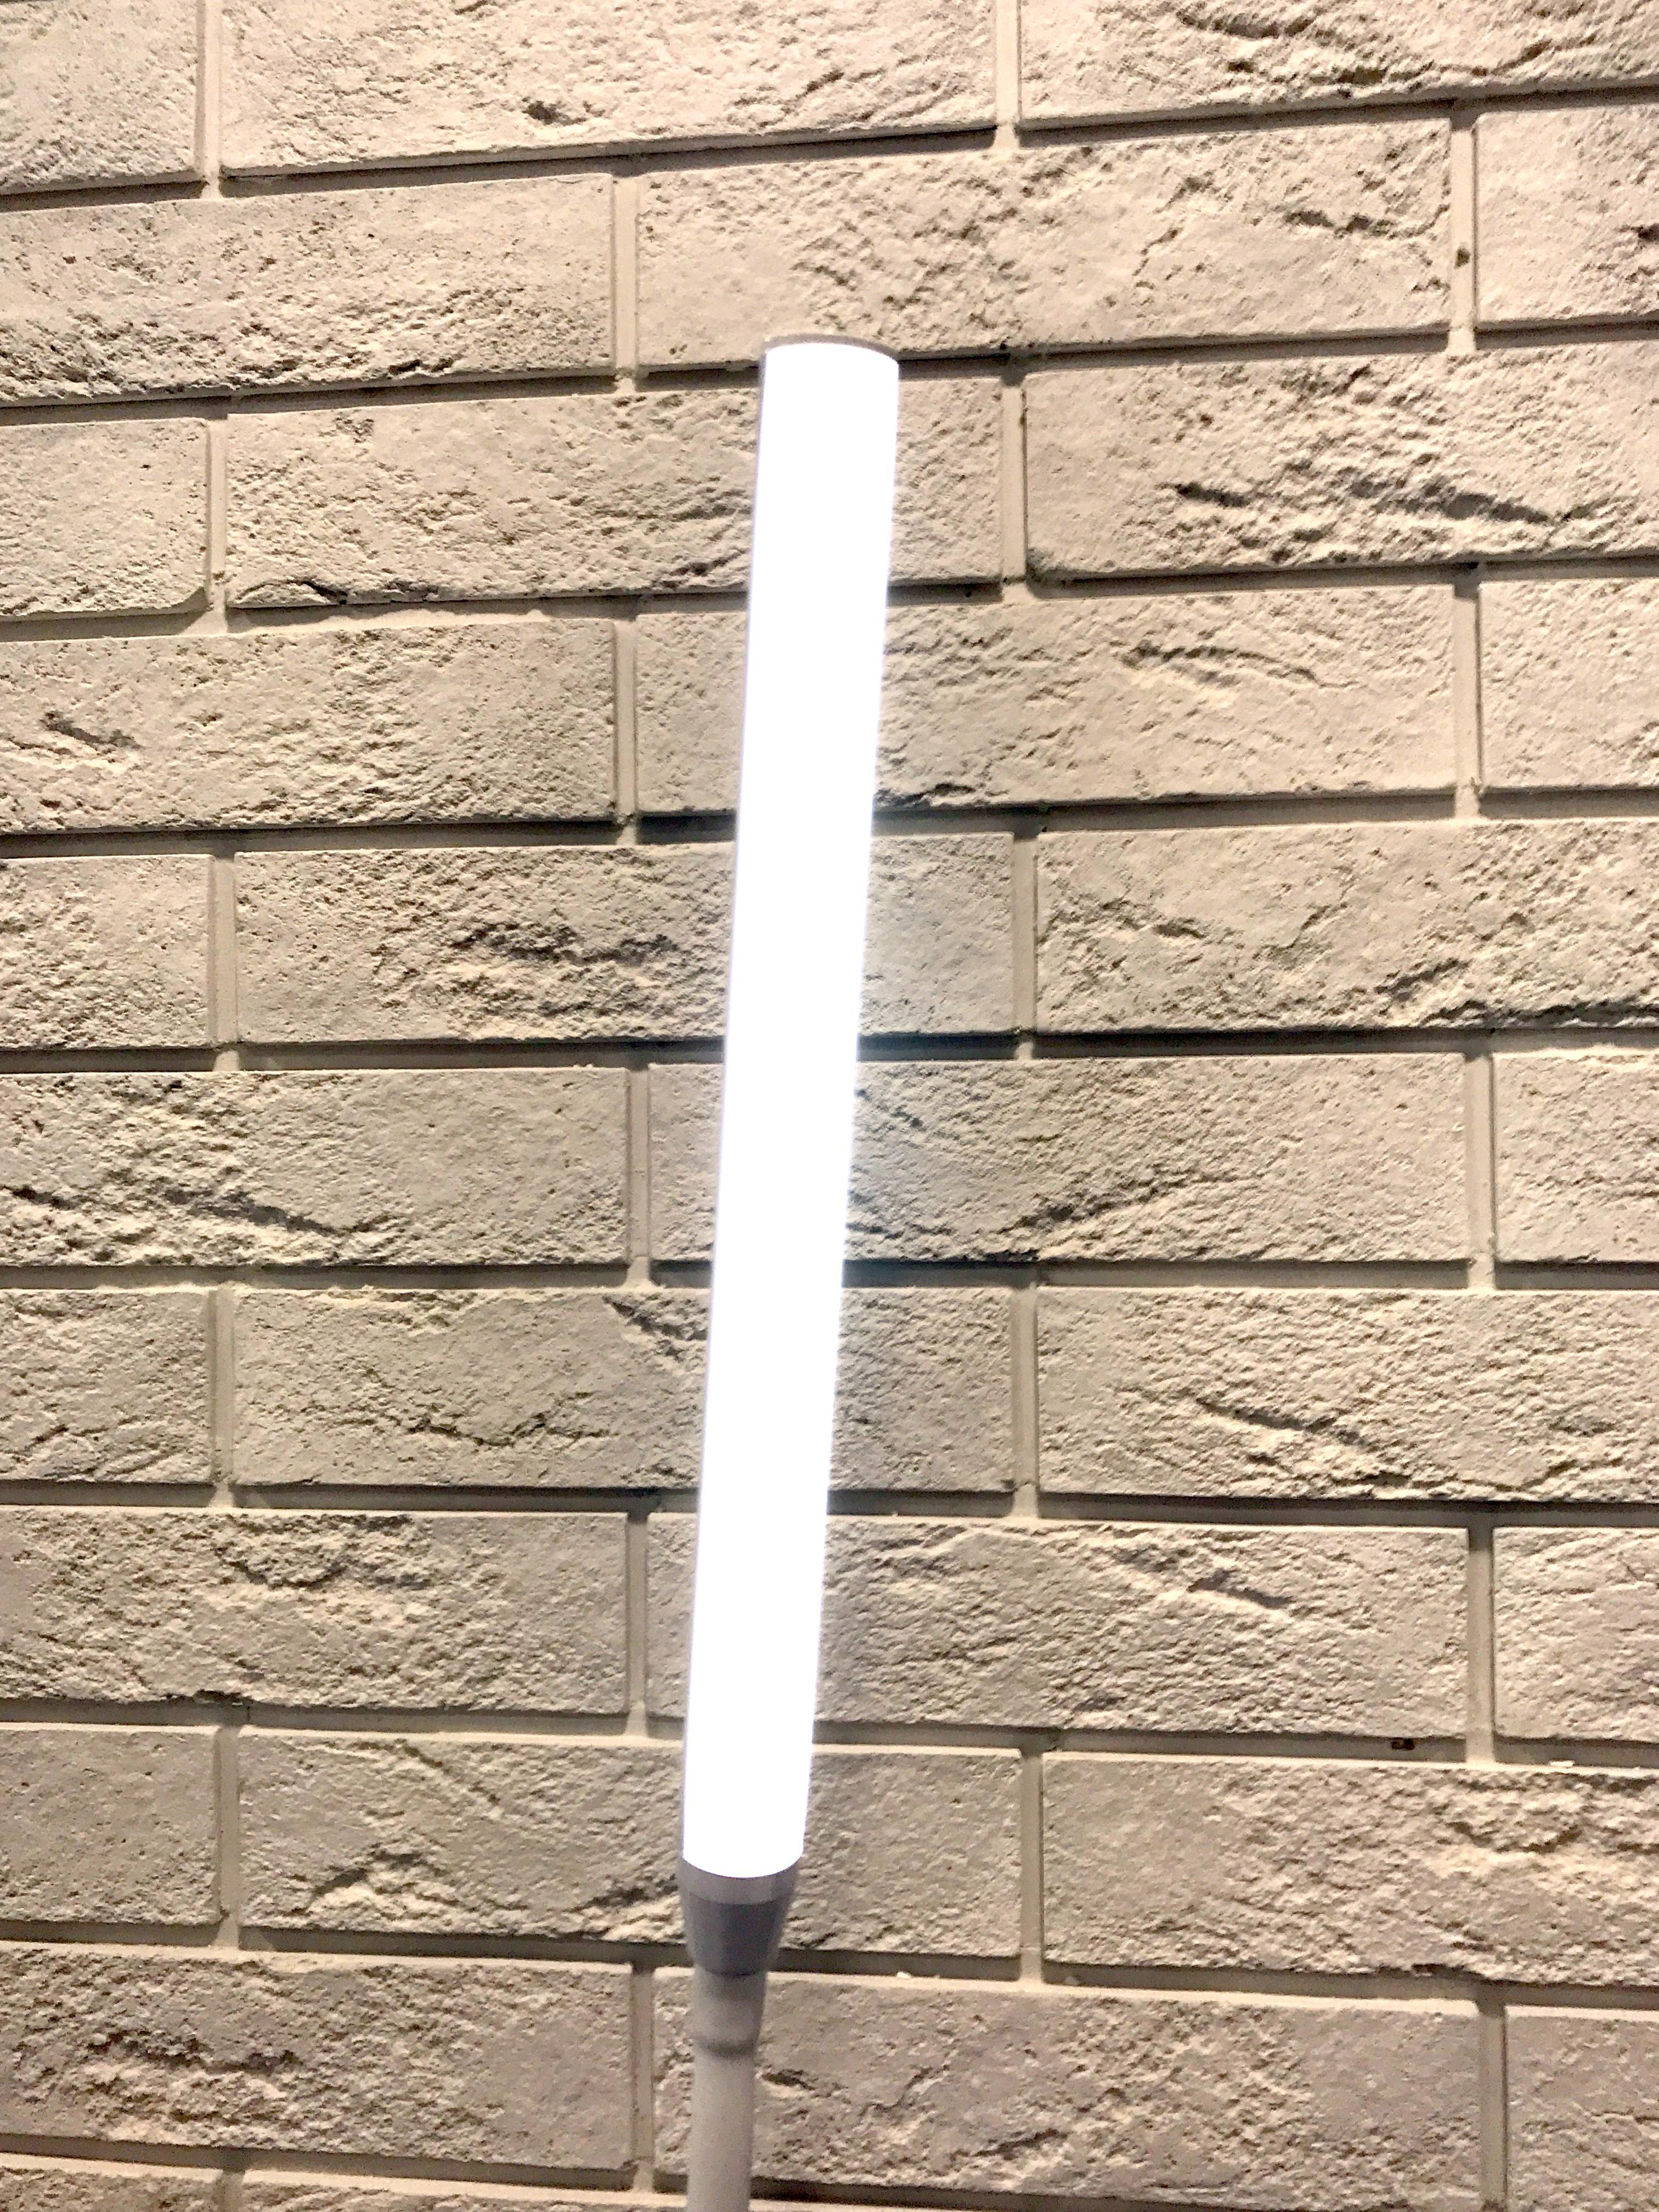 Купить настольный светильник TL-121 от компании LEEK